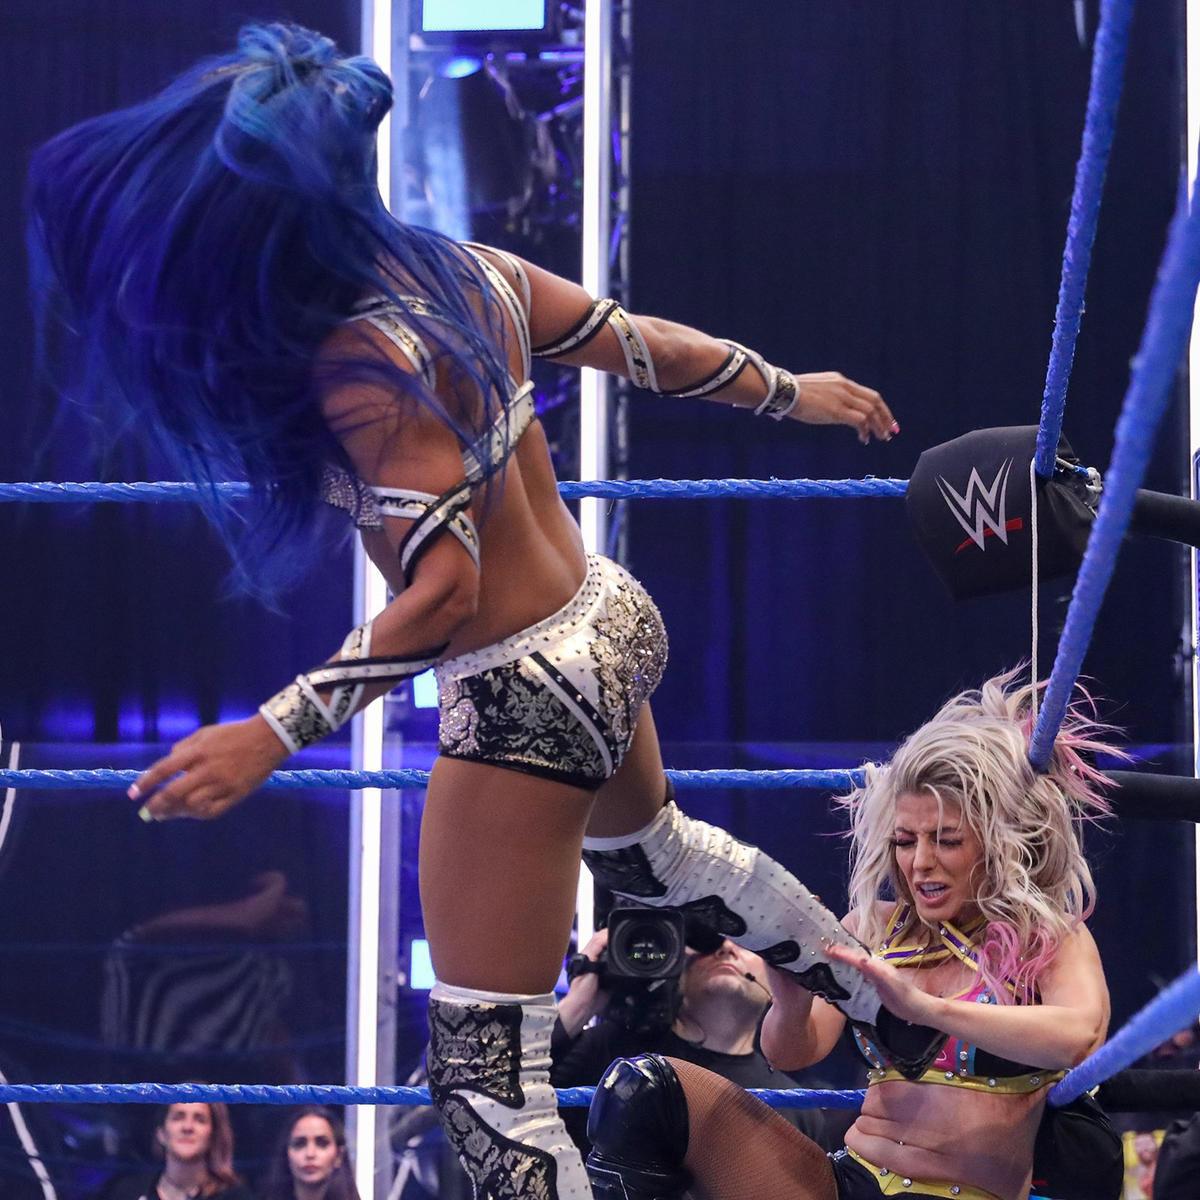 Sasha Banks & Bayley Becomes New WWE Woman's Tag Team Champions On Smackdown 2